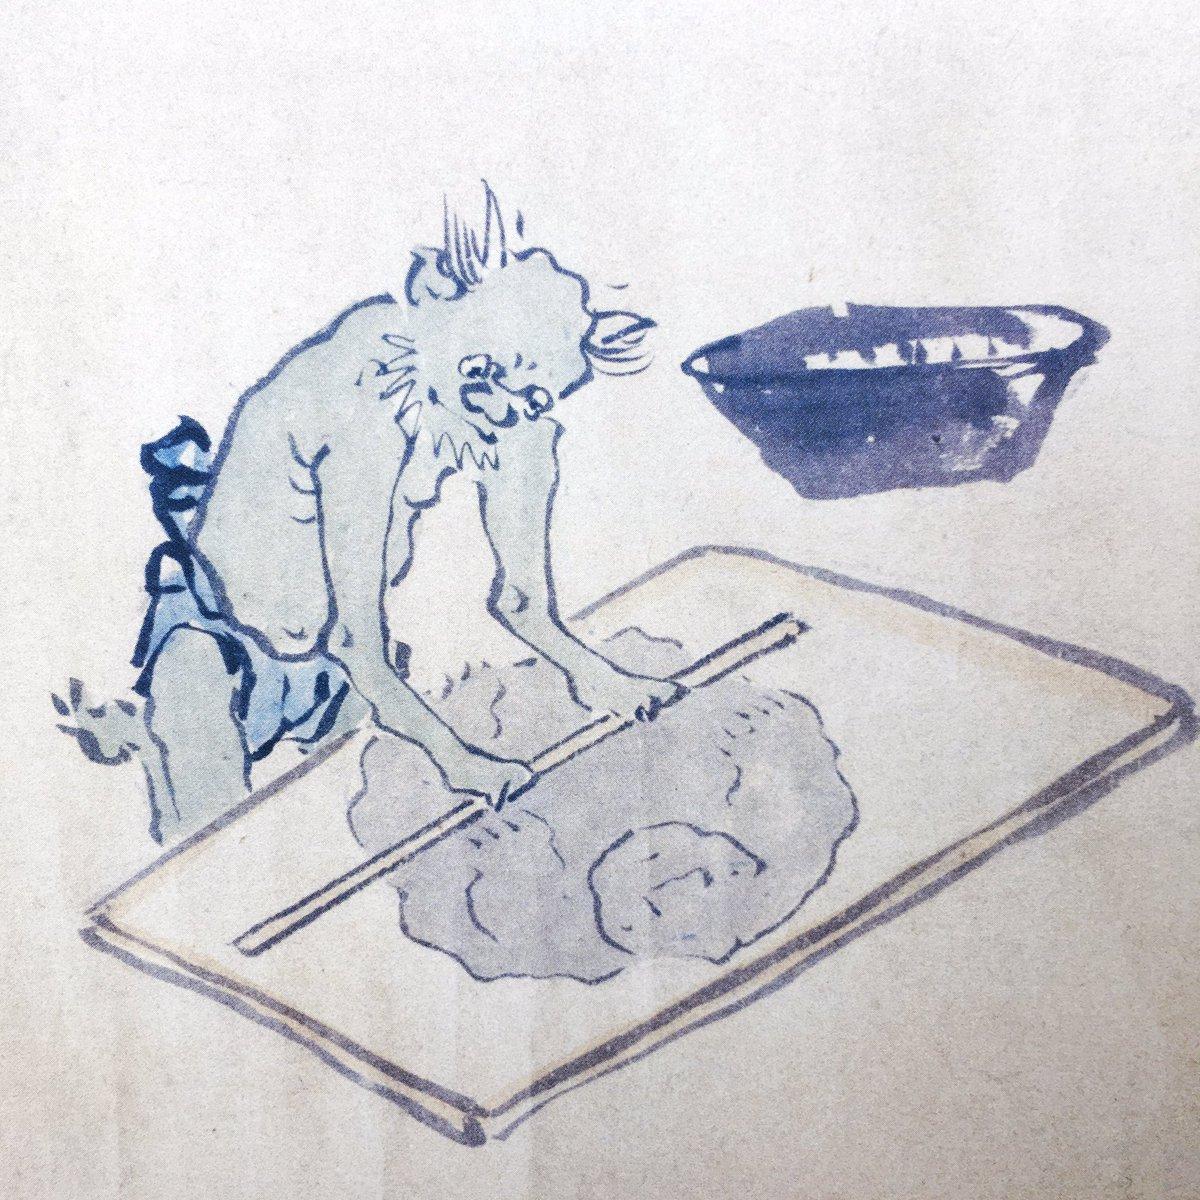 地獄絵図だけを集めた分厚い本が入荷、殺伐とした絵に混じって蕎麦打ちの刑に処されてる人がいる  pie.co.jp/search/detail.…